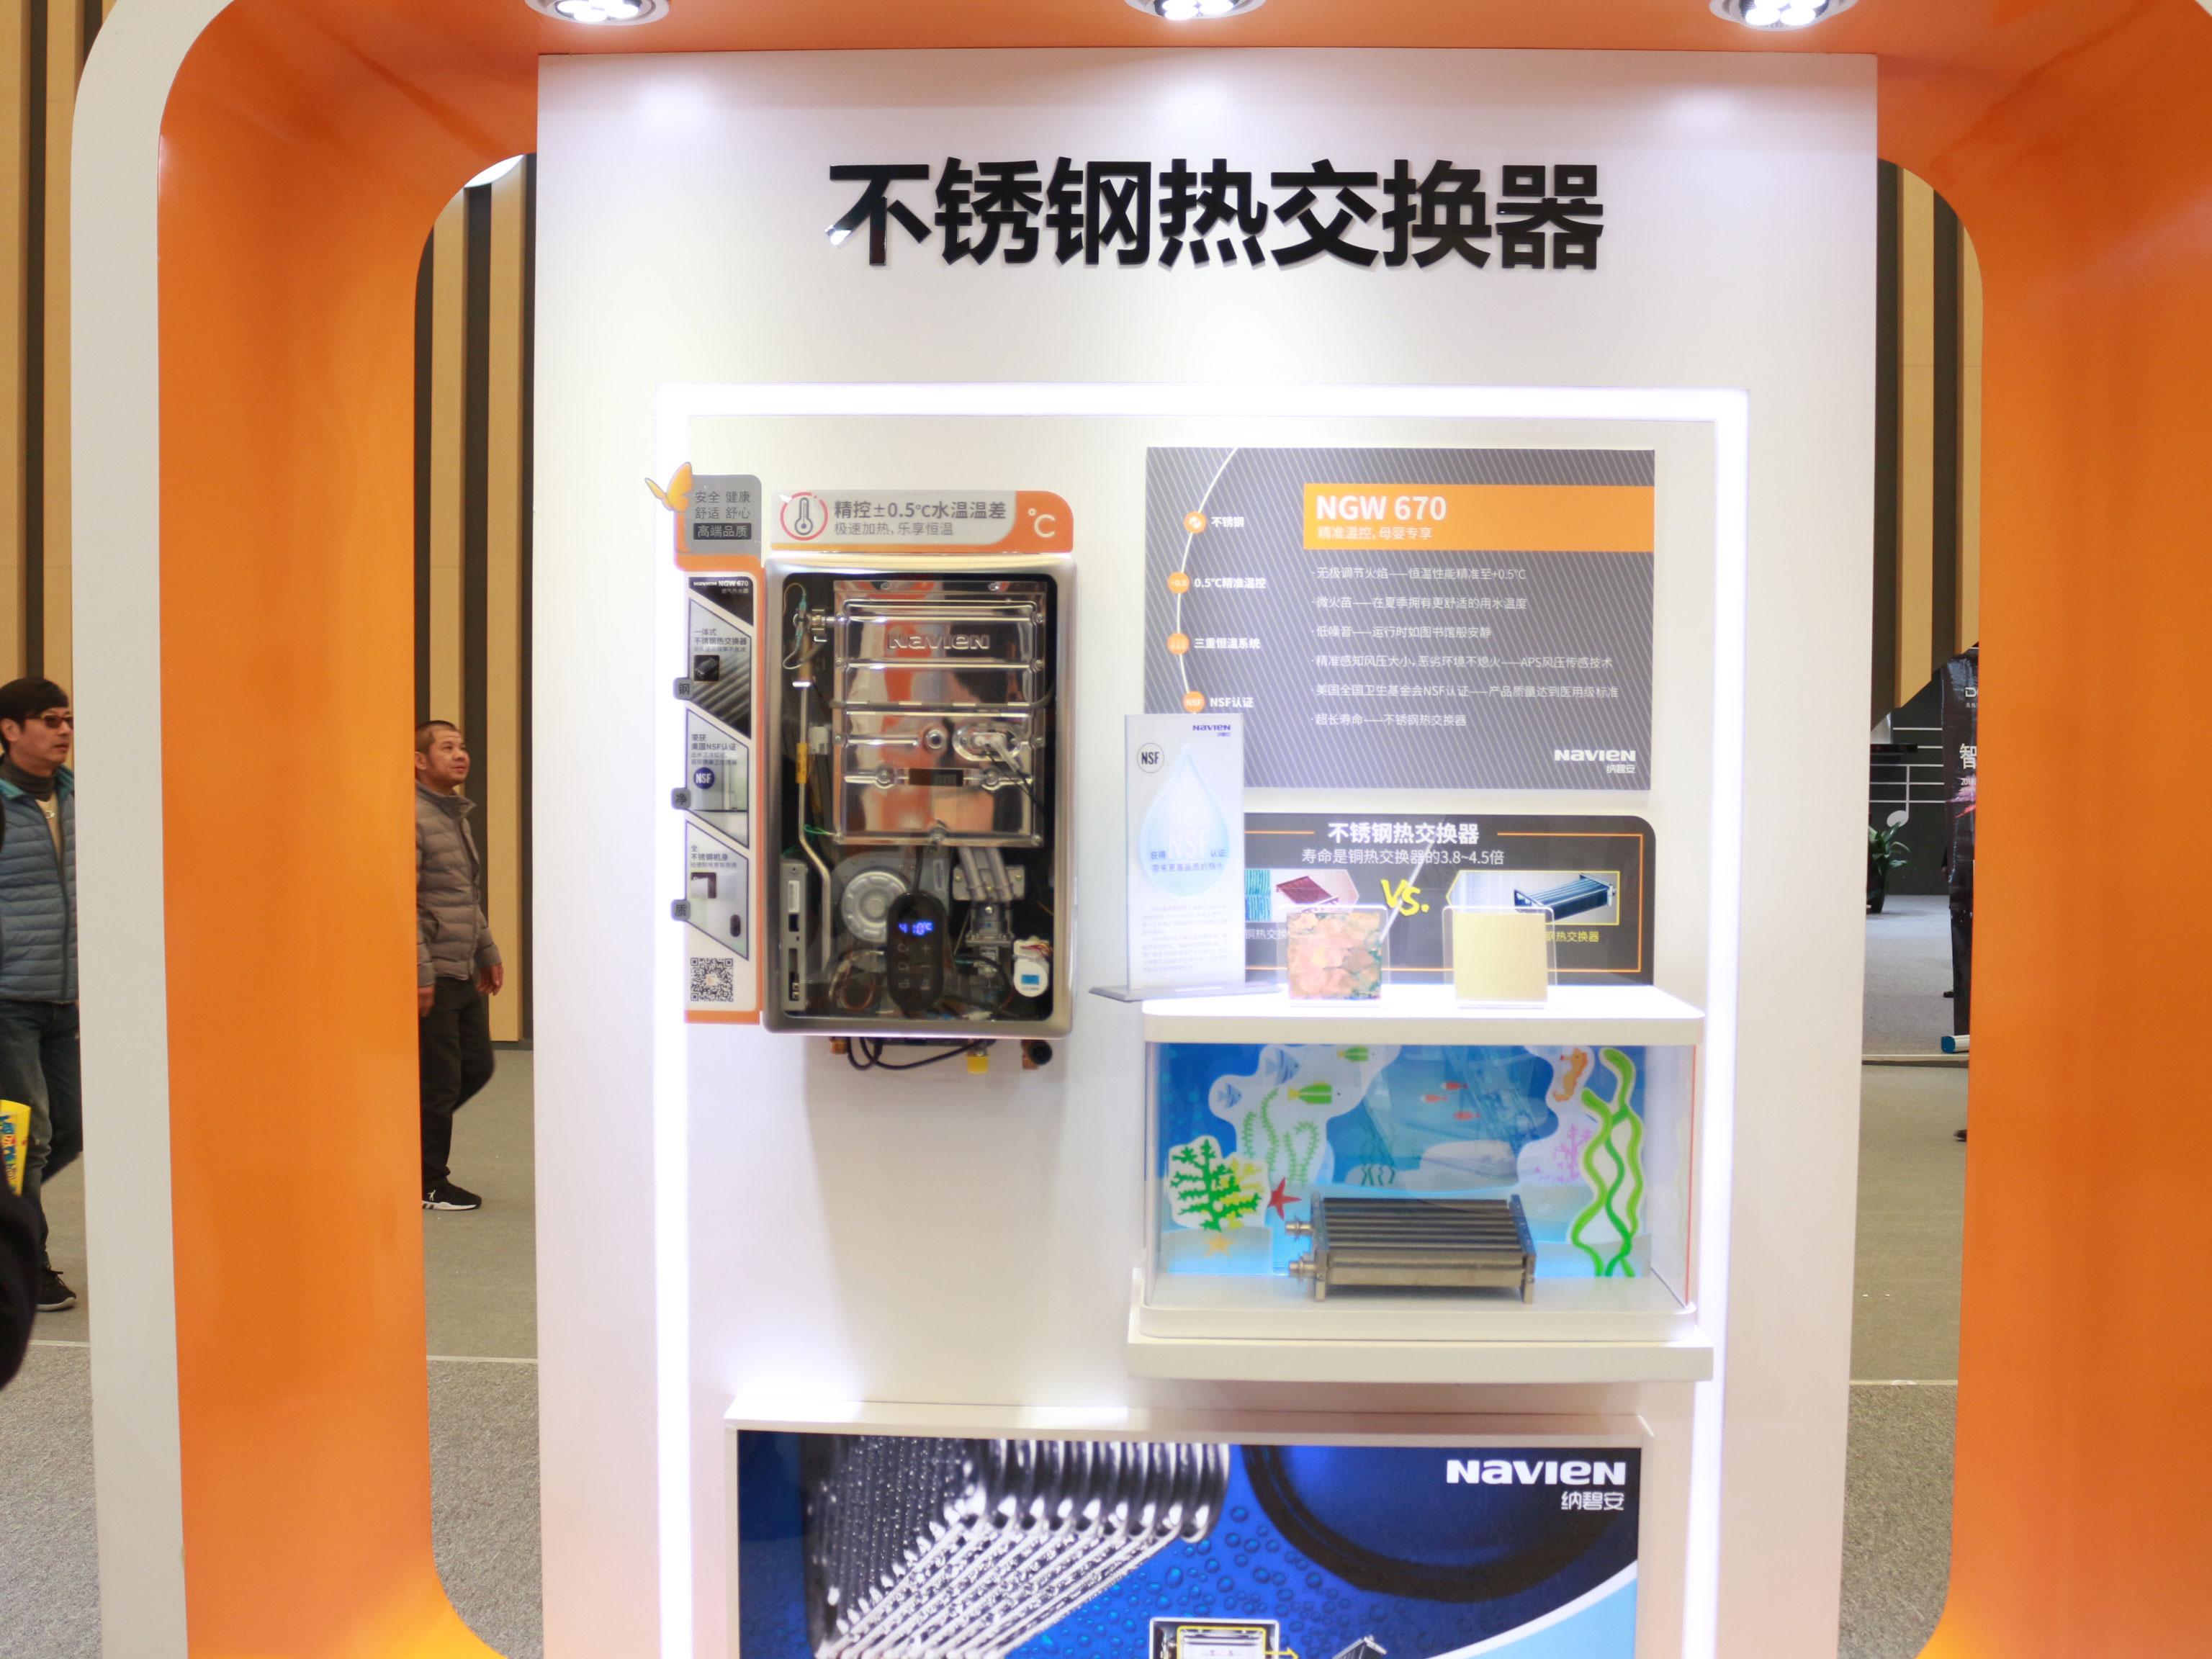 庆东纳碧安燃气热水器引领全新健康体验